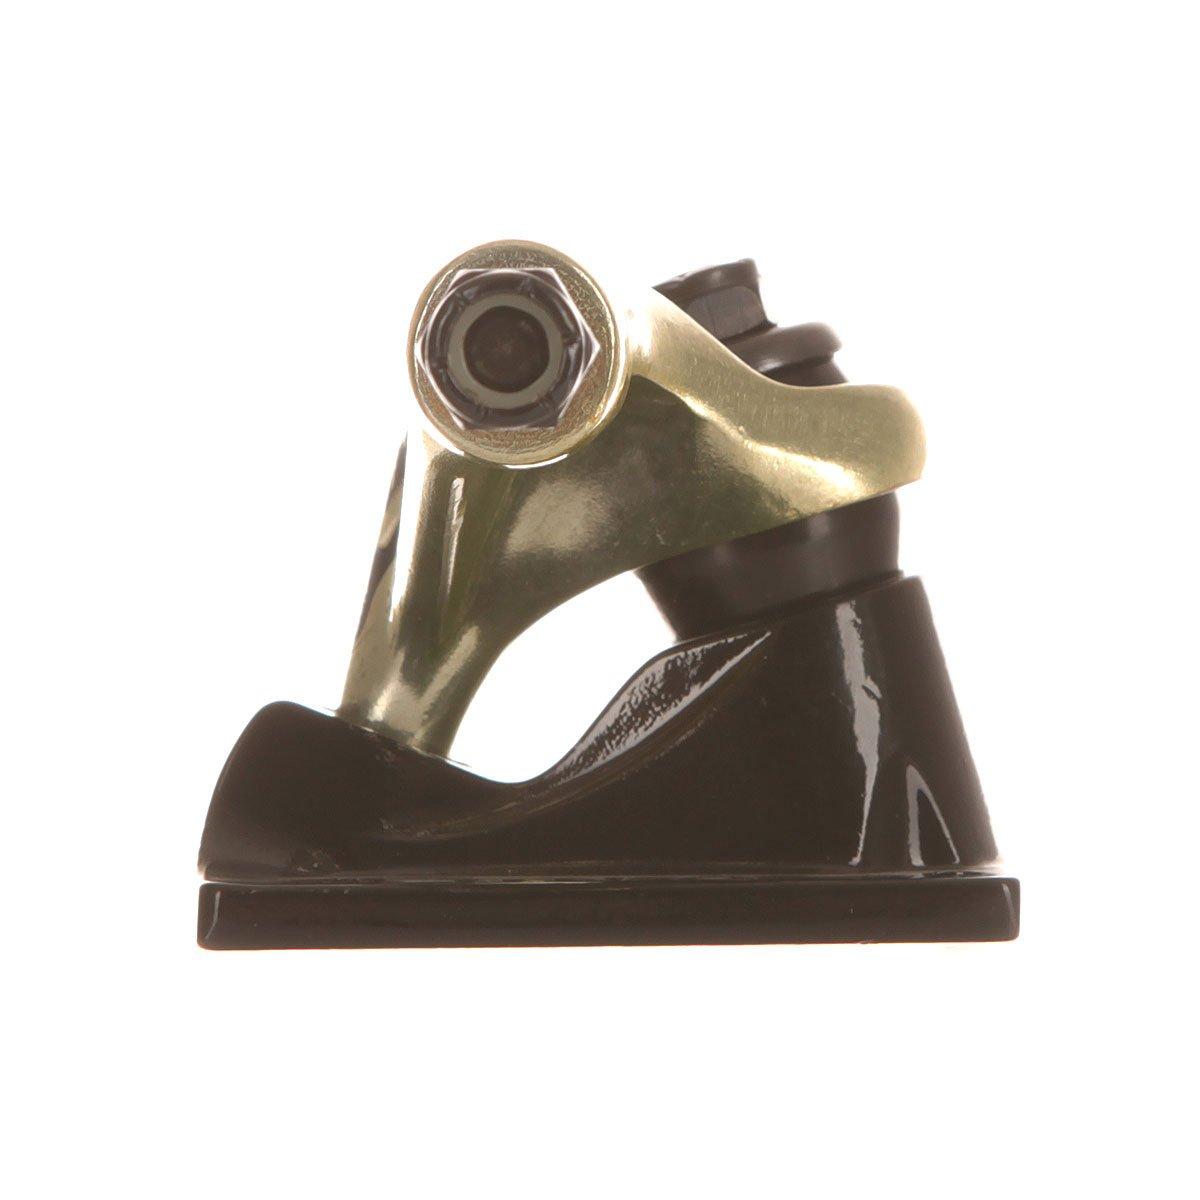 Подвеска для скейтборда Tensor Alum Reg Stewed - Screwed Gold/Black 5.5 (21 см)